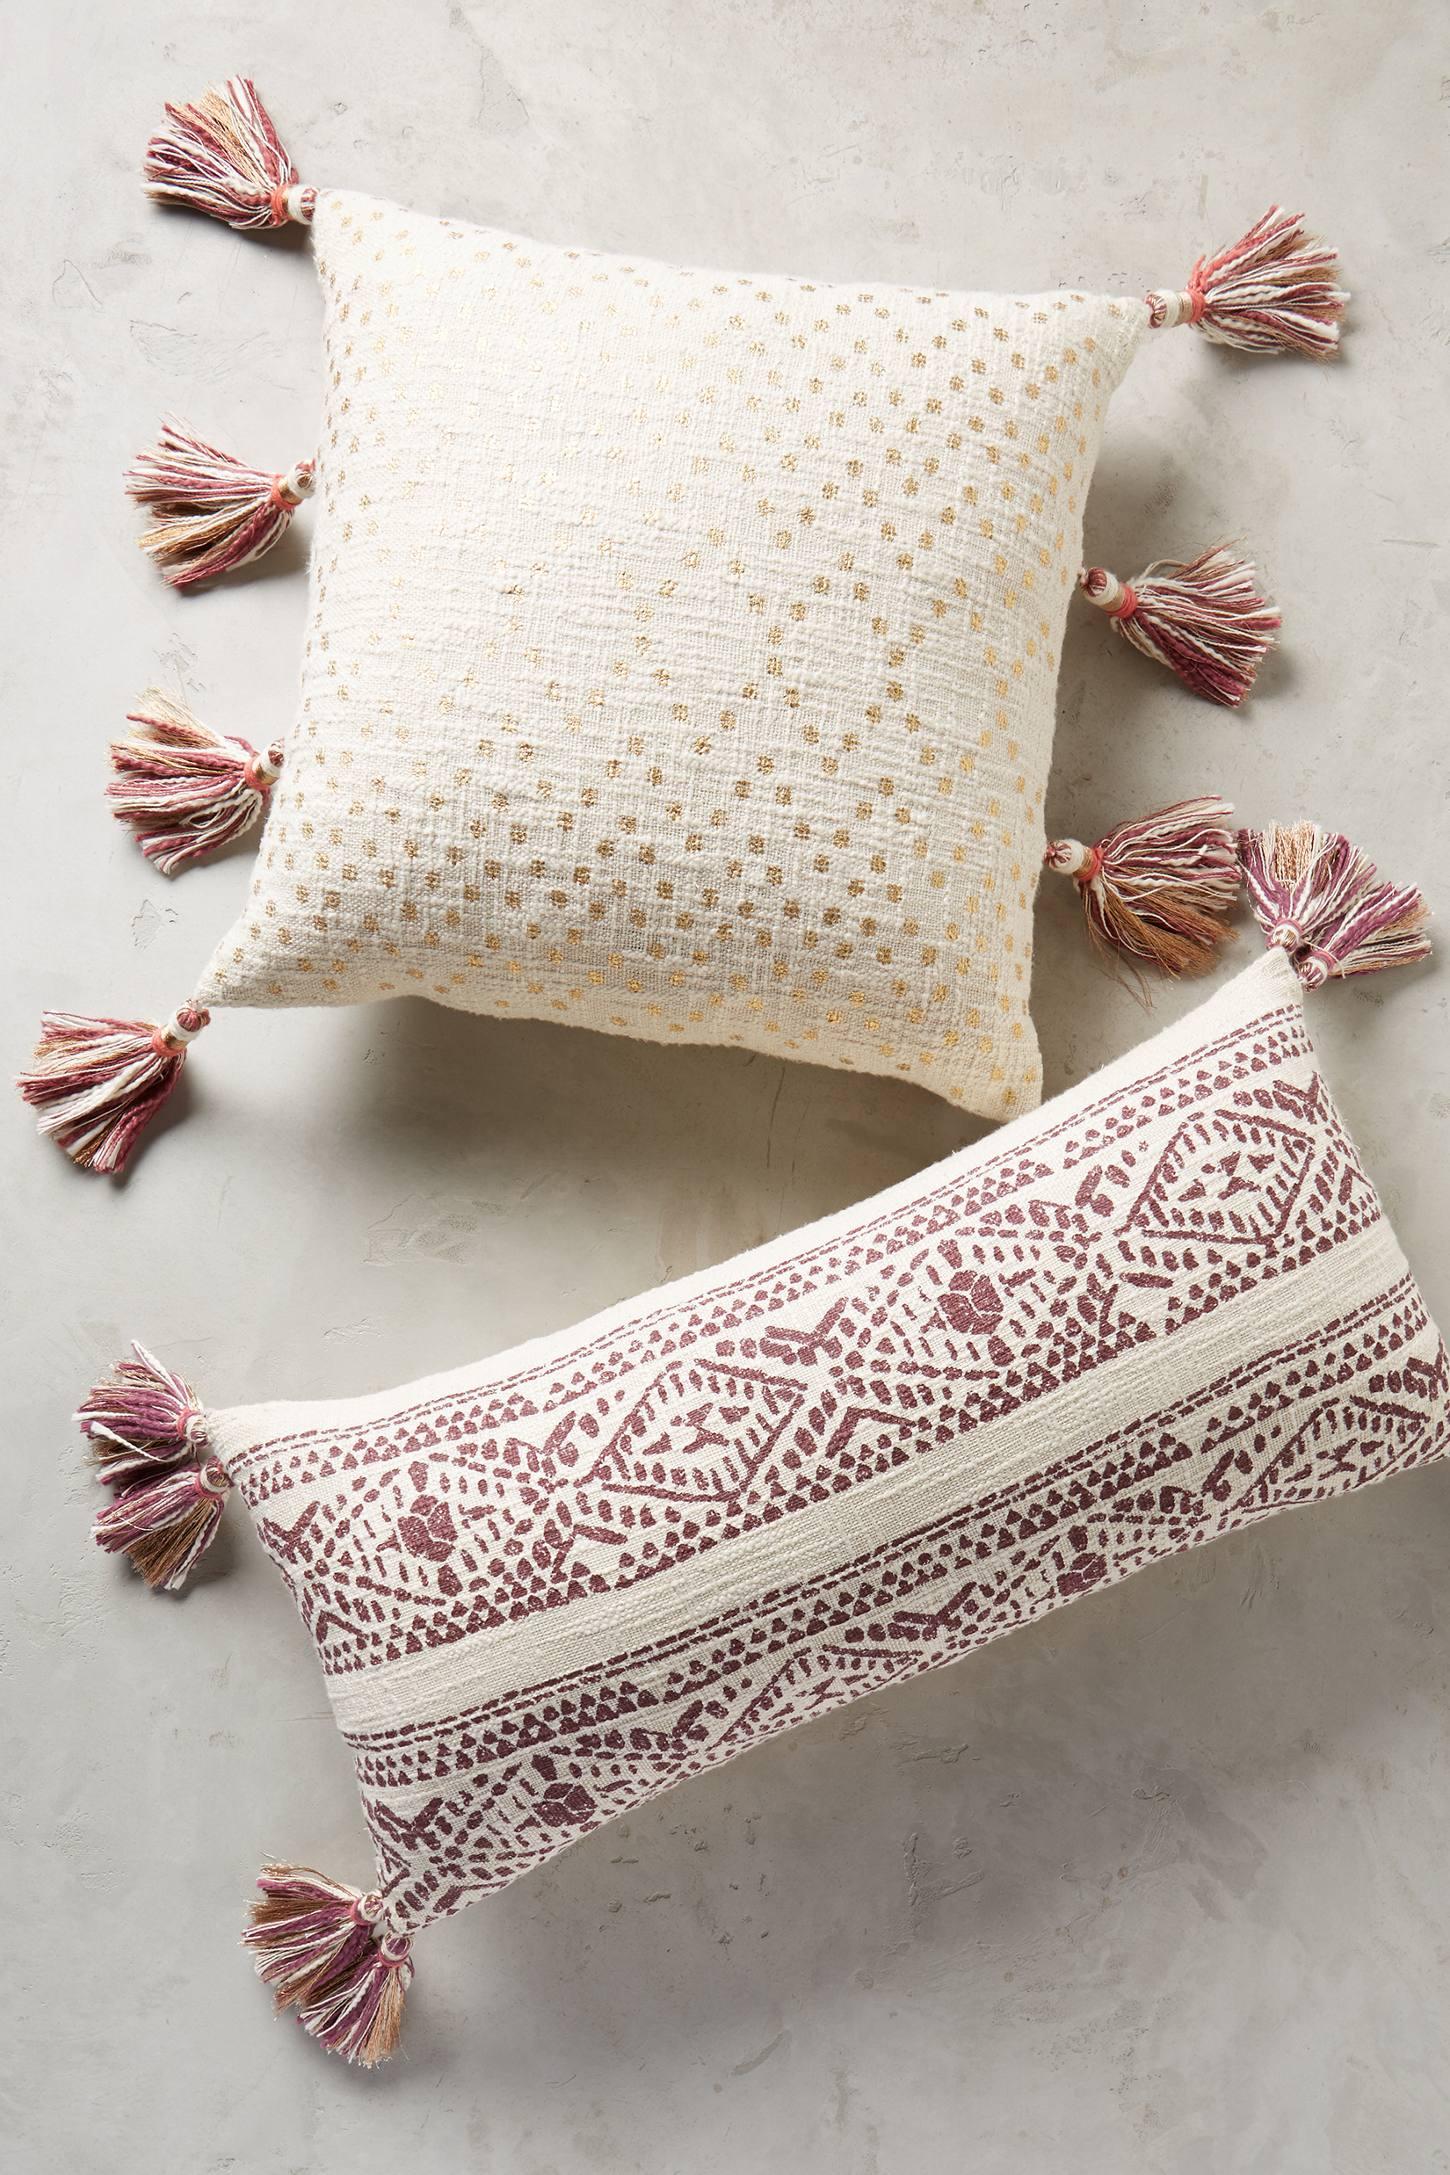 tasseled pointilliste pillow anthropologie. Black Bedroom Furniture Sets. Home Design Ideas